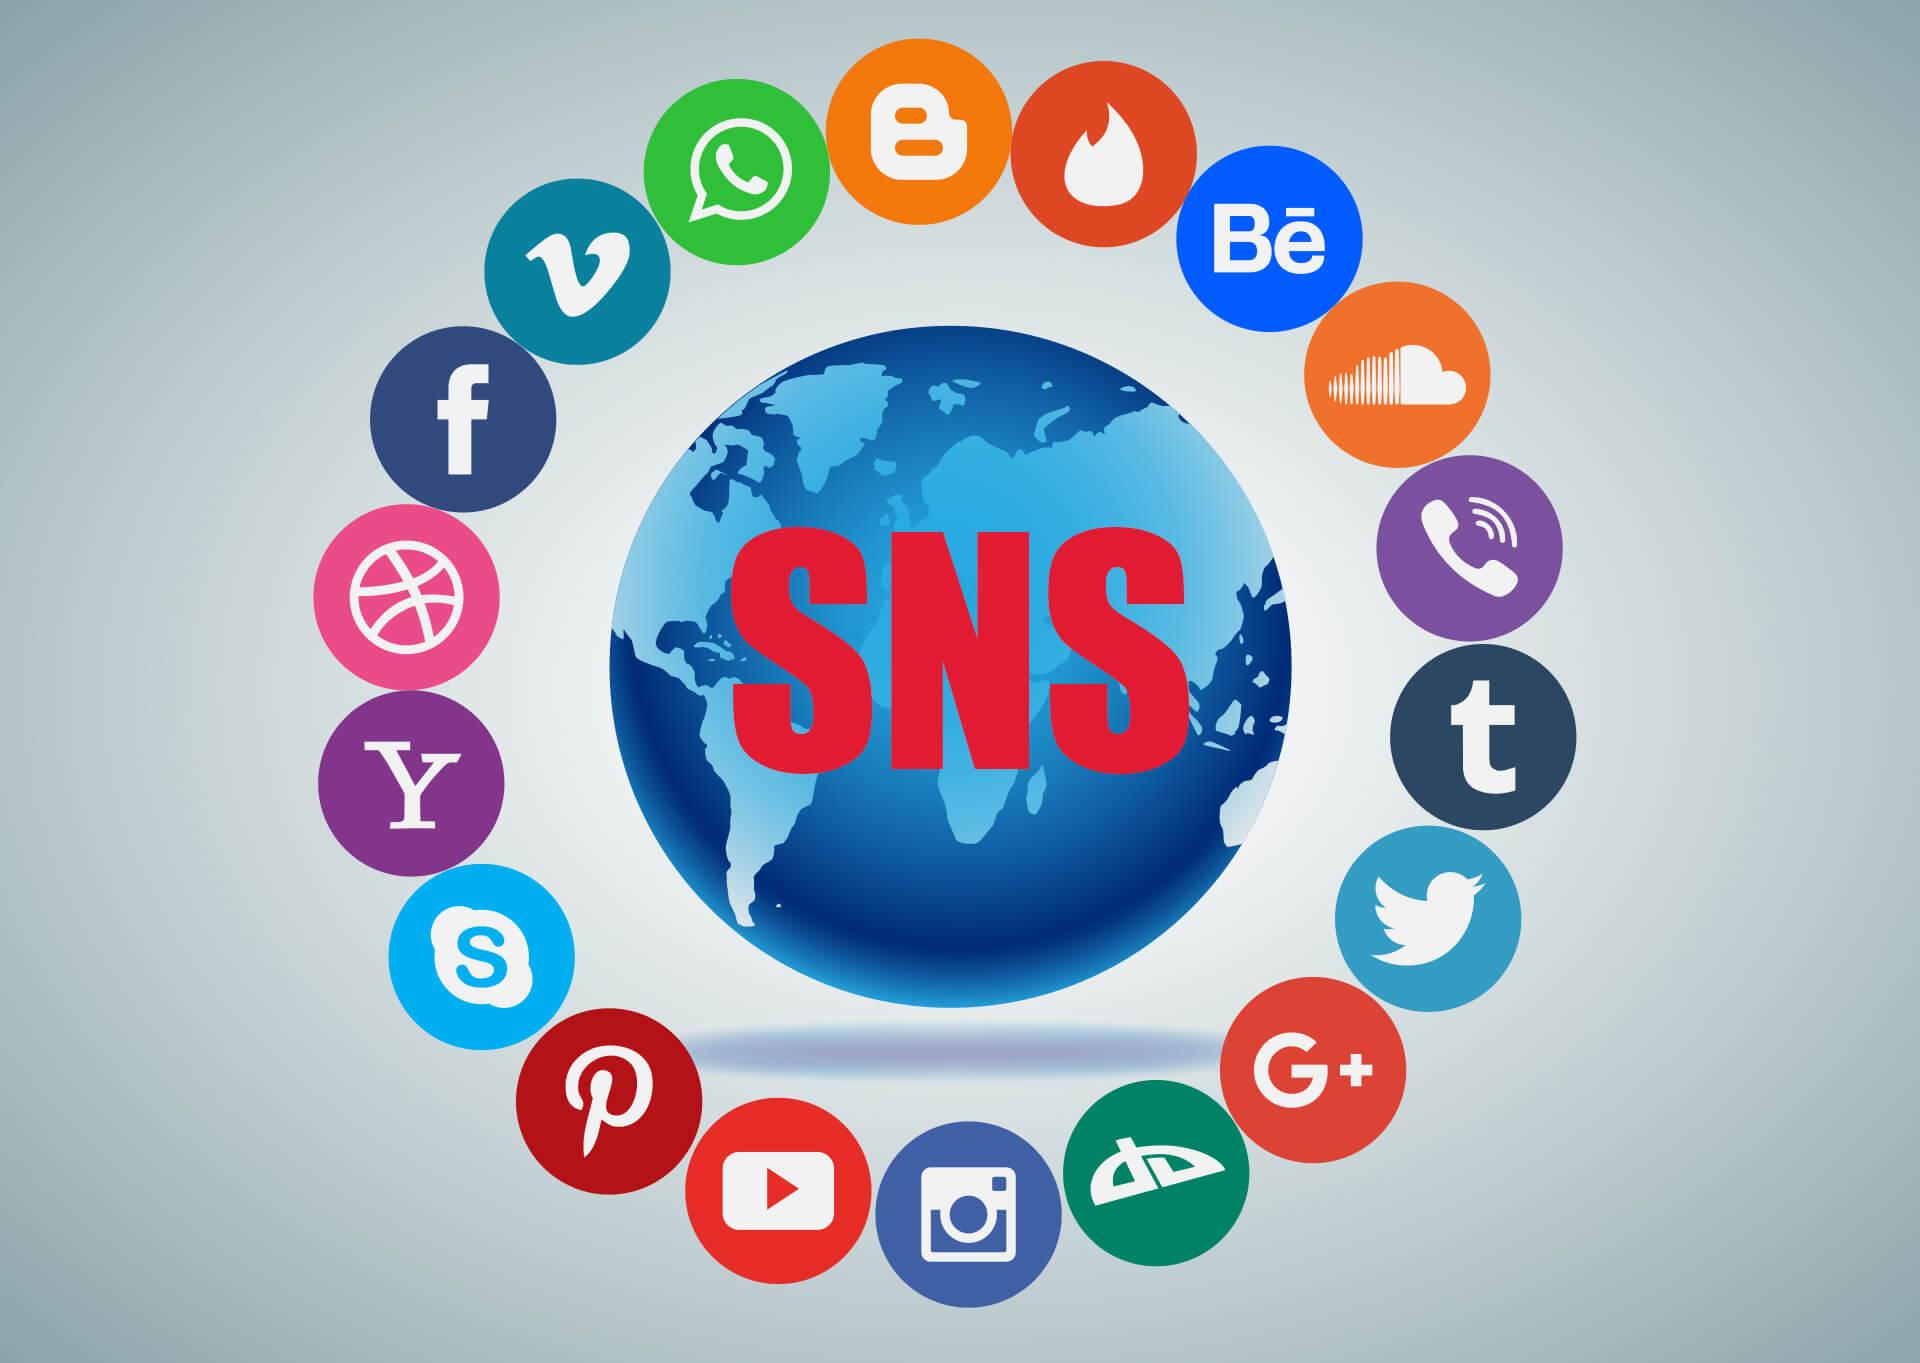 【2020年版】海外SNSランキング | 世界と日本のSNSユーザー数と普及率の違いを分析